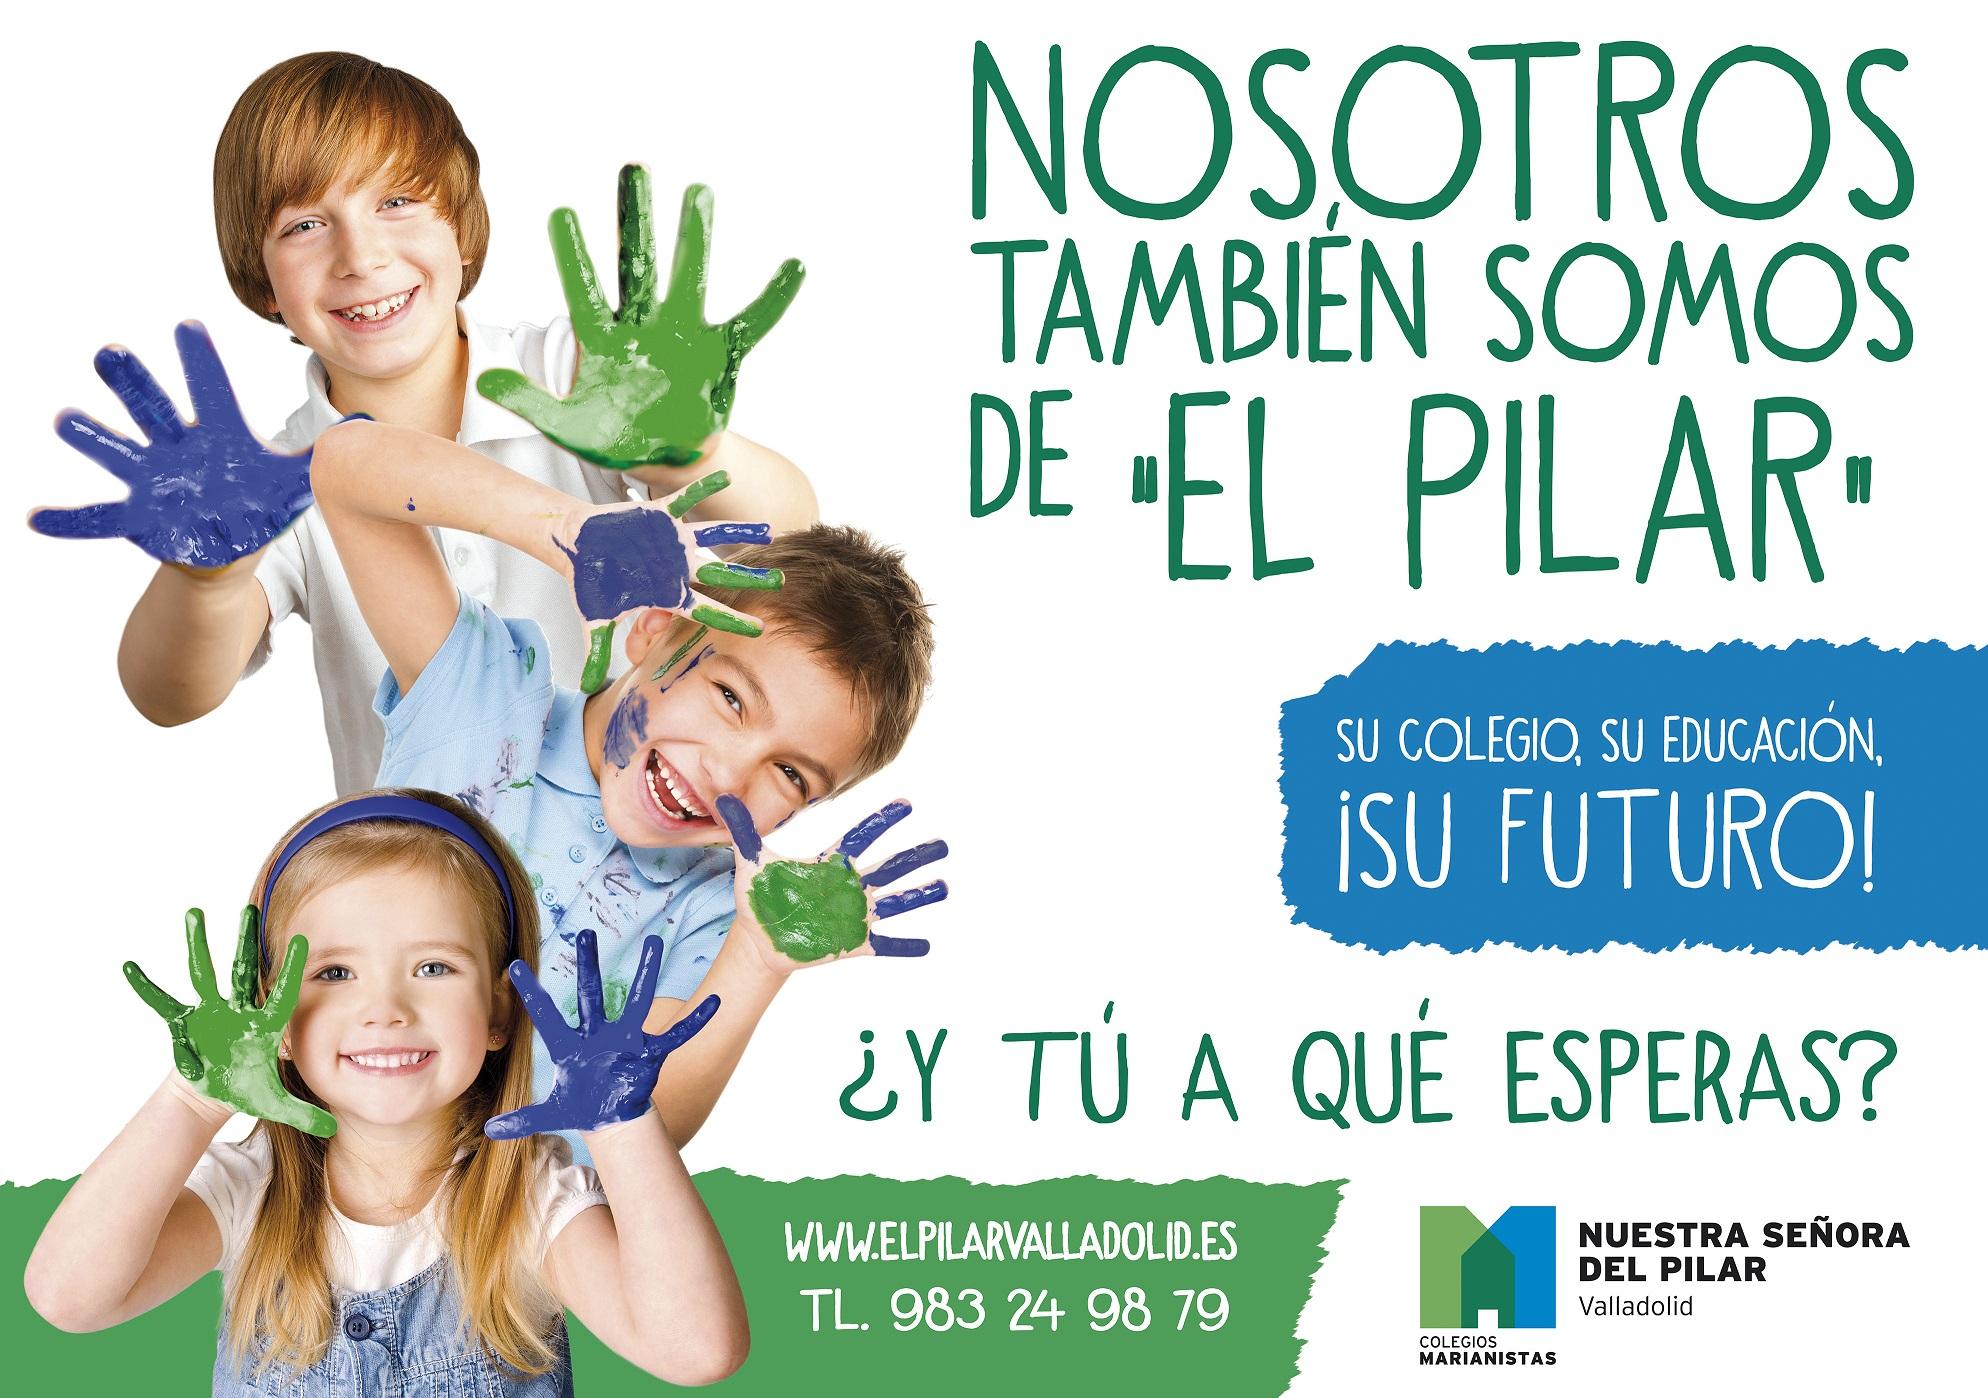 El Pilar 2016